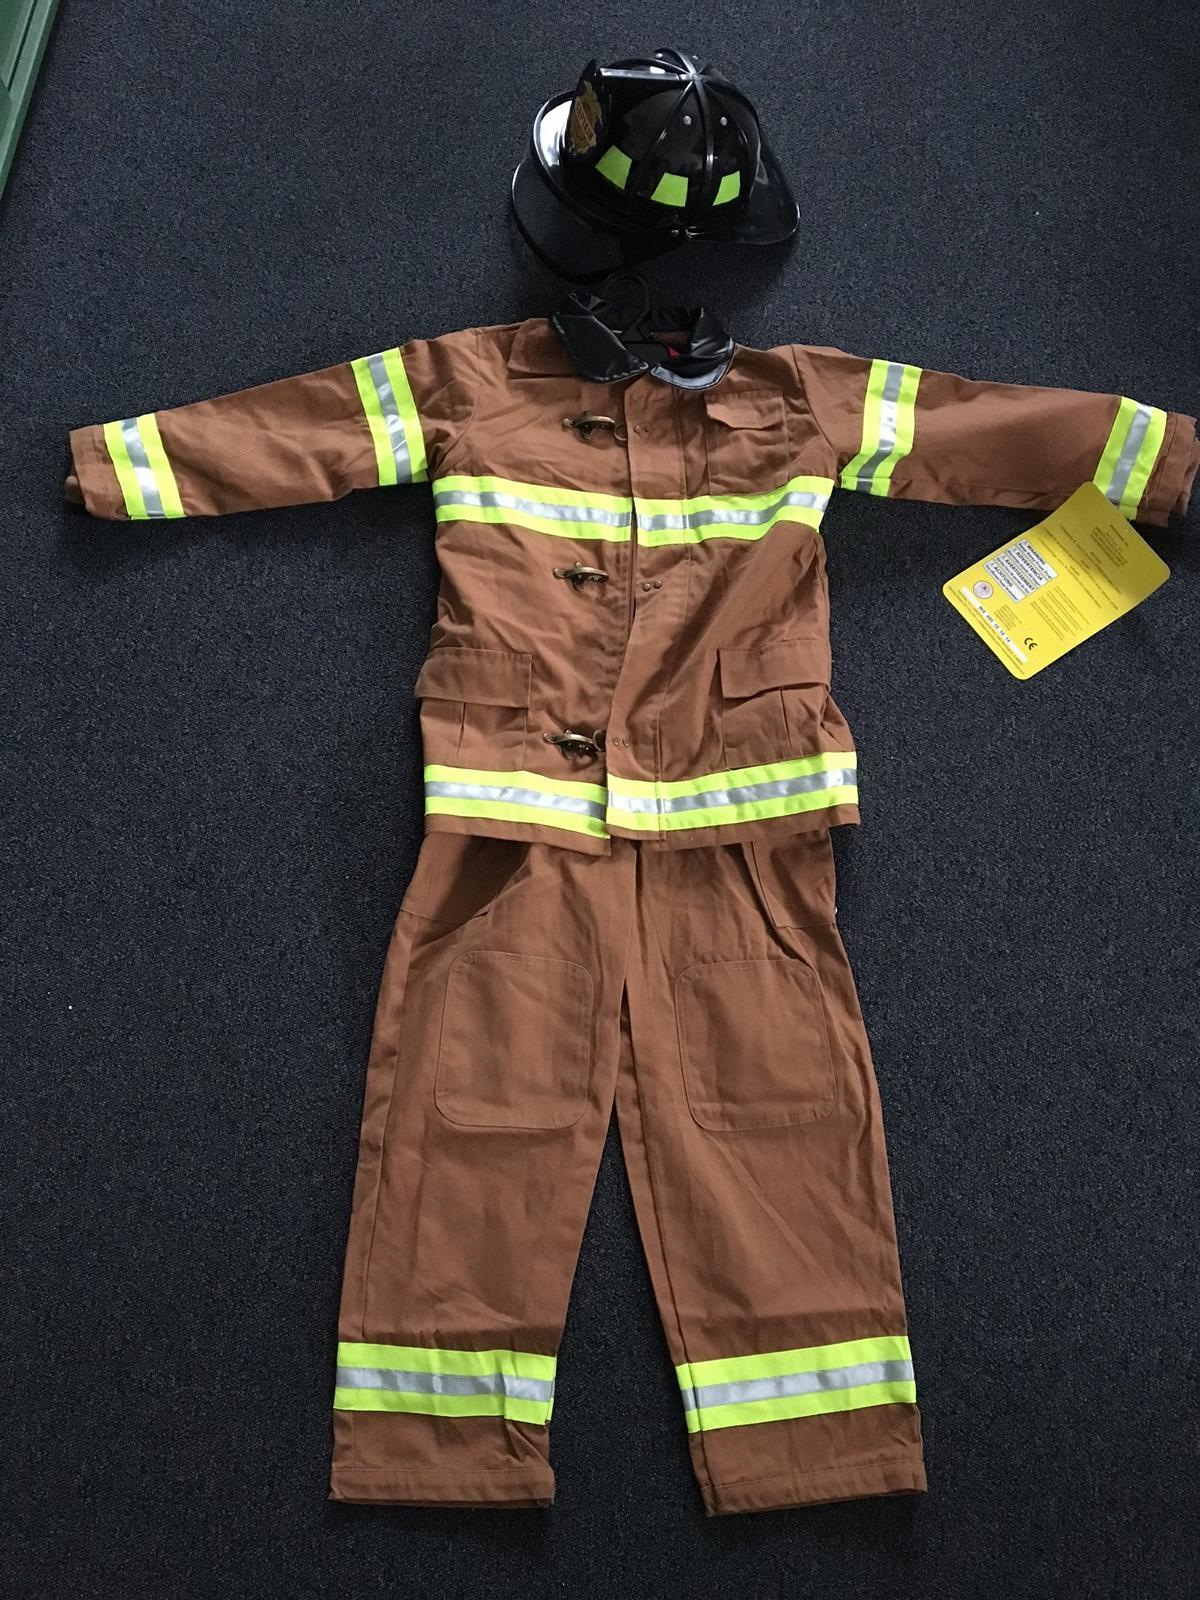 Kinder Us Feuerwehrmann-Kostüm Braun - Kinder-Feuerwehranzug bei Kinder Feuerwehrkleidung